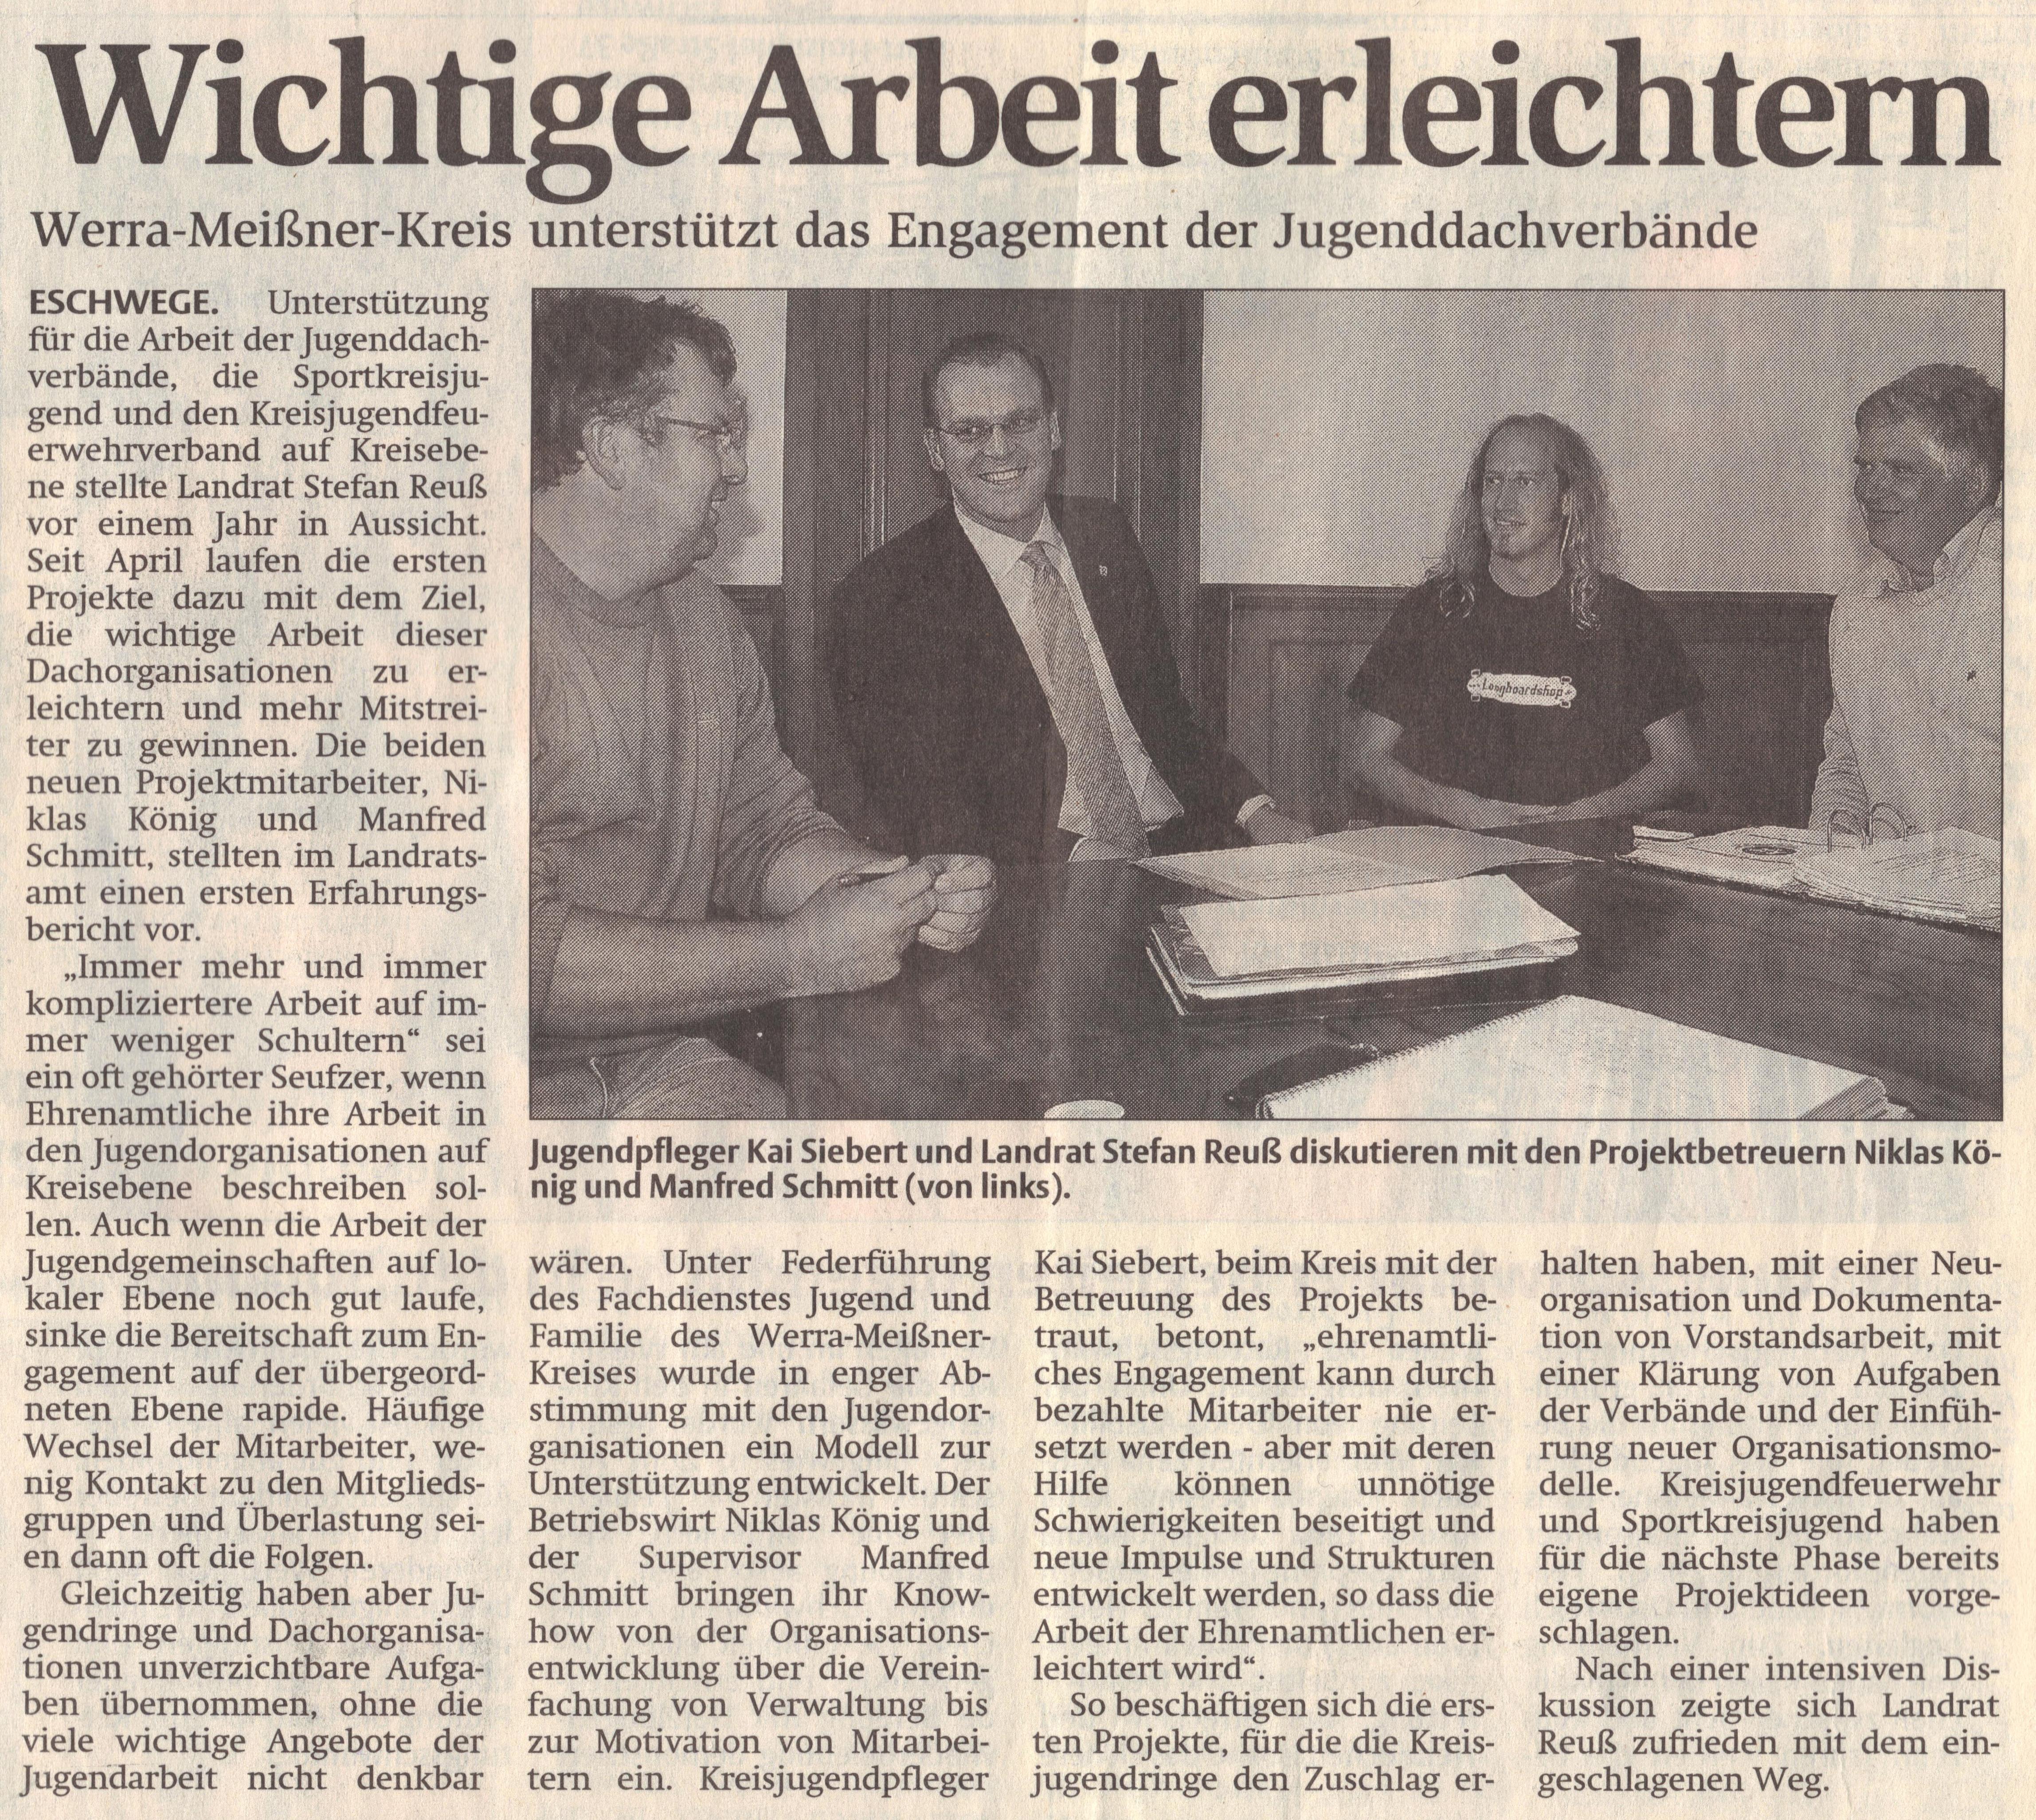 Coaching - Wichtige Arbeit erleichtern - WR 13.07.2007